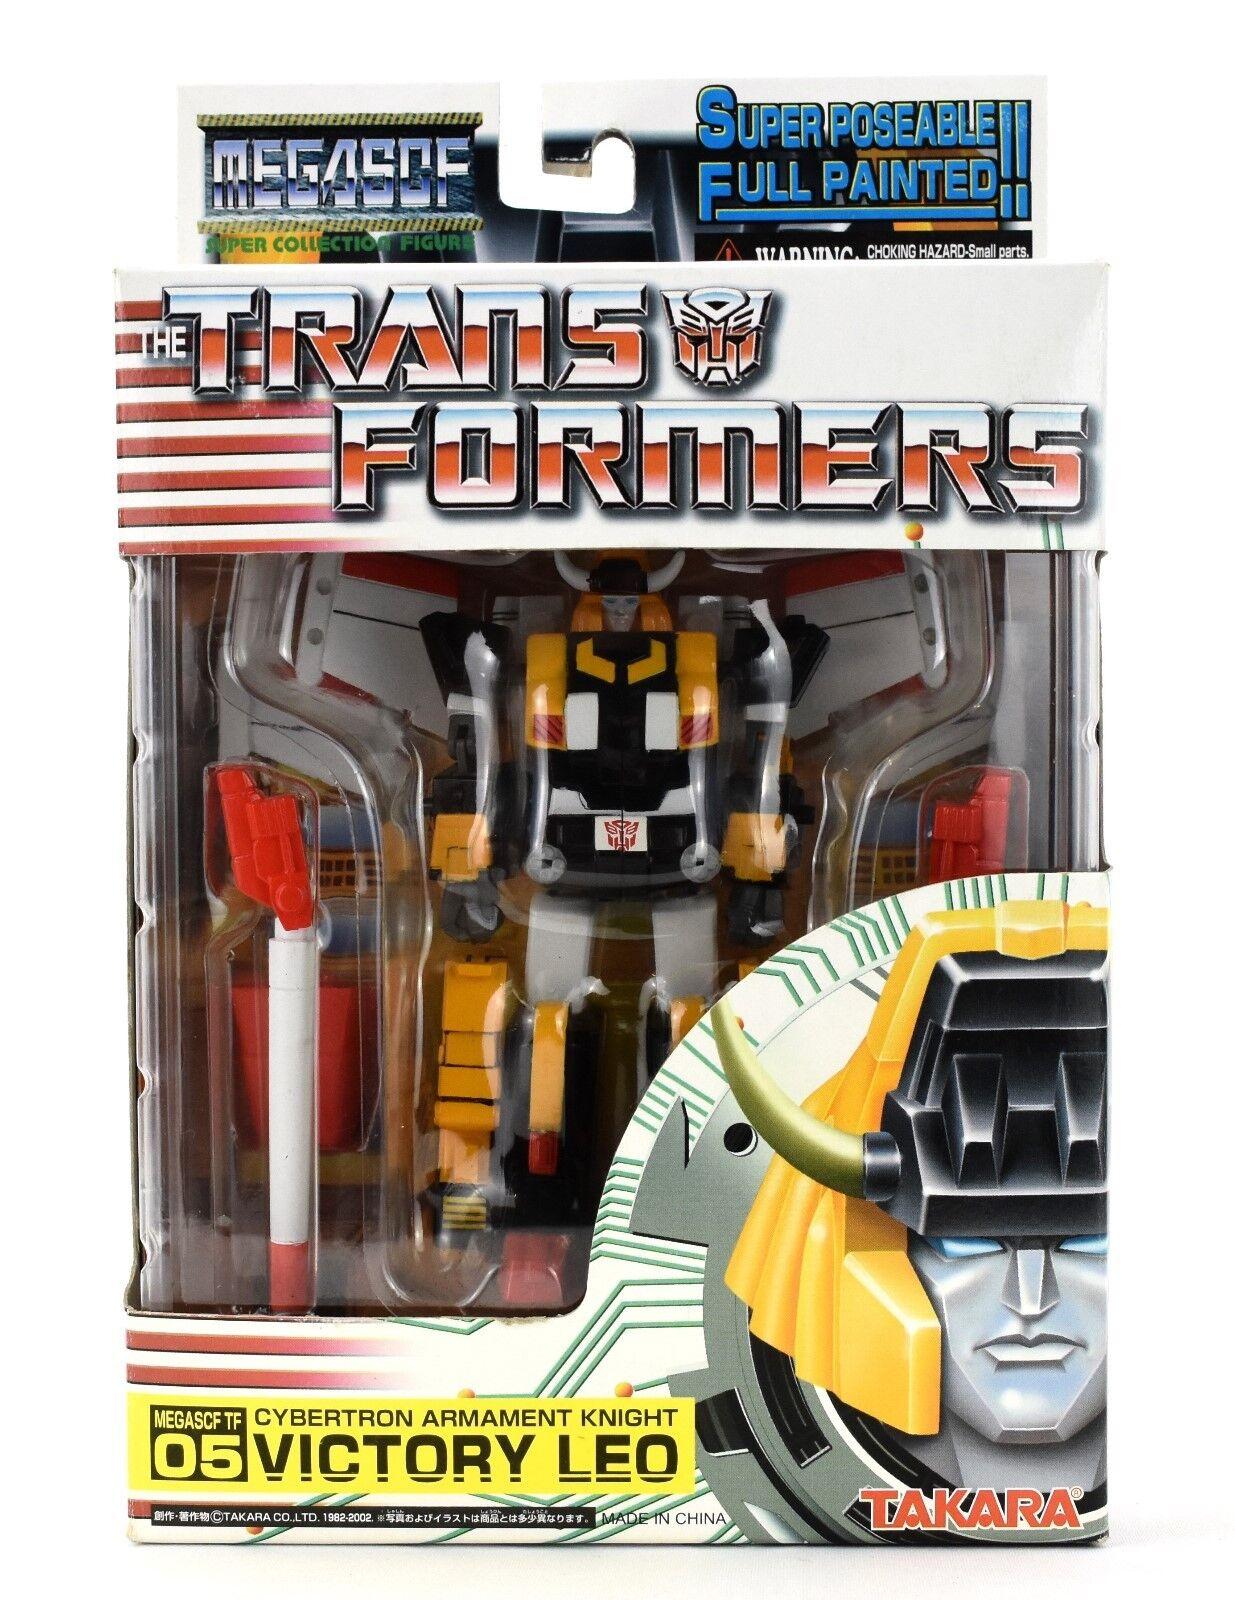 I trasformatori megascf 05 Cybertron armamento Cavaliere VICTORY Leo Action Figure